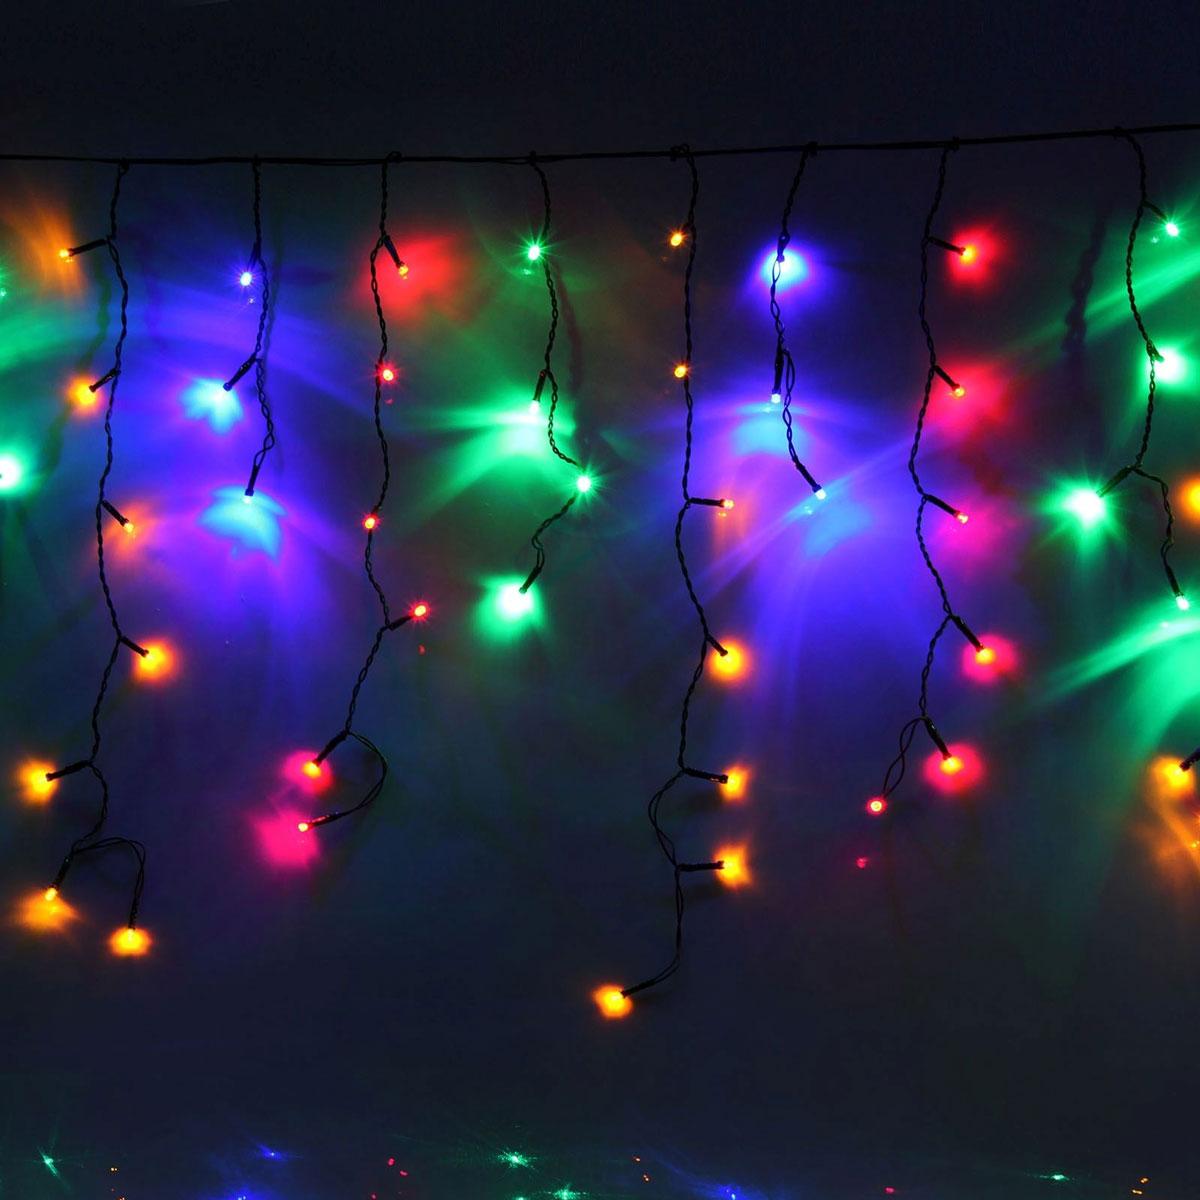 Гирлянда светодиодная Luazon Бахрома, 8 режимов, 60 ламп, 220 V, цвет: мультиколор, 1,2 х 0,6 м. 706200187288Гирлянда светодиодная Бахрома - это отличный вариант для новогоднего оформления интерьера или фасада. С ее помощью помещение любого размера можно превратить в праздничный зал, а внешние элементы зданий, украшенные гирляндой, мгновенно станут напоминать очертания сказочного дворца. Такое украшение создаст ауру предвкушения чуда. Деревья, фасады, витрины, окна и арки будто специально созданы, чтобы вы украсили их светящимися нитями.